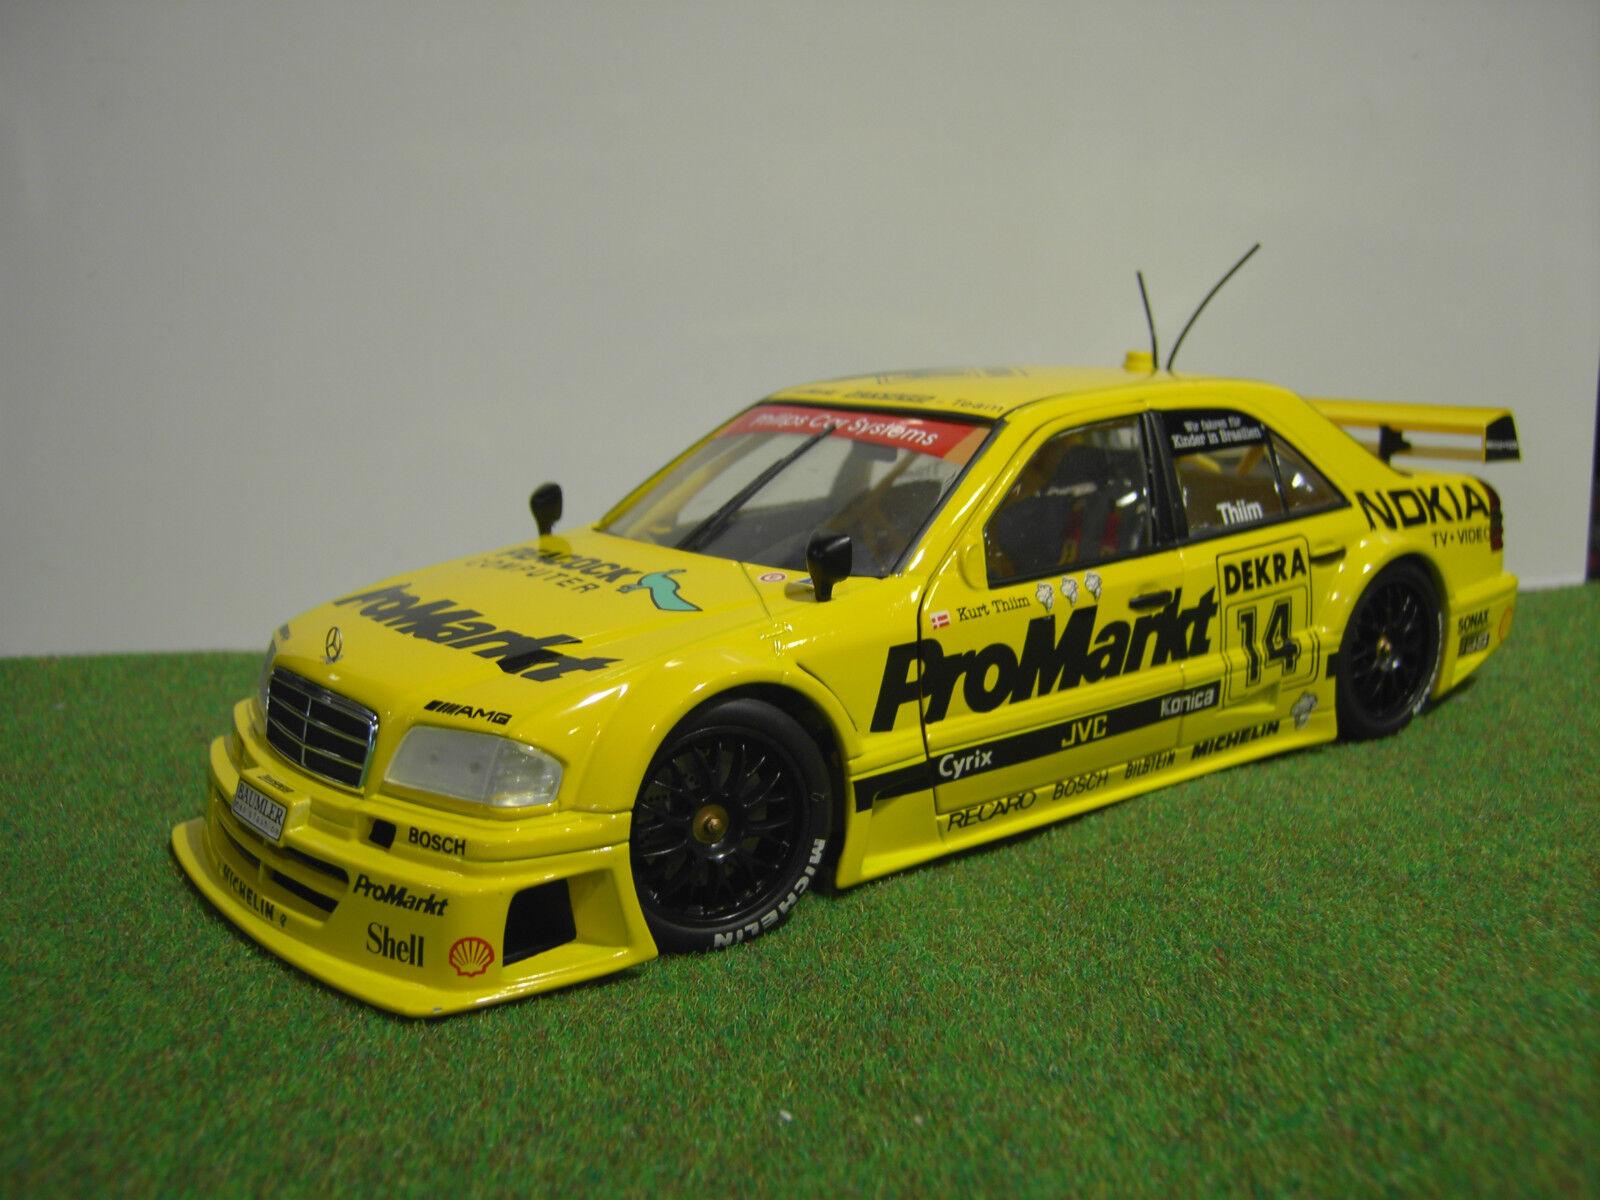 MERCEDES C-CLASS DTM jaune #14 Thiim PROMARKT 1/18 UT Model's voiture miniature